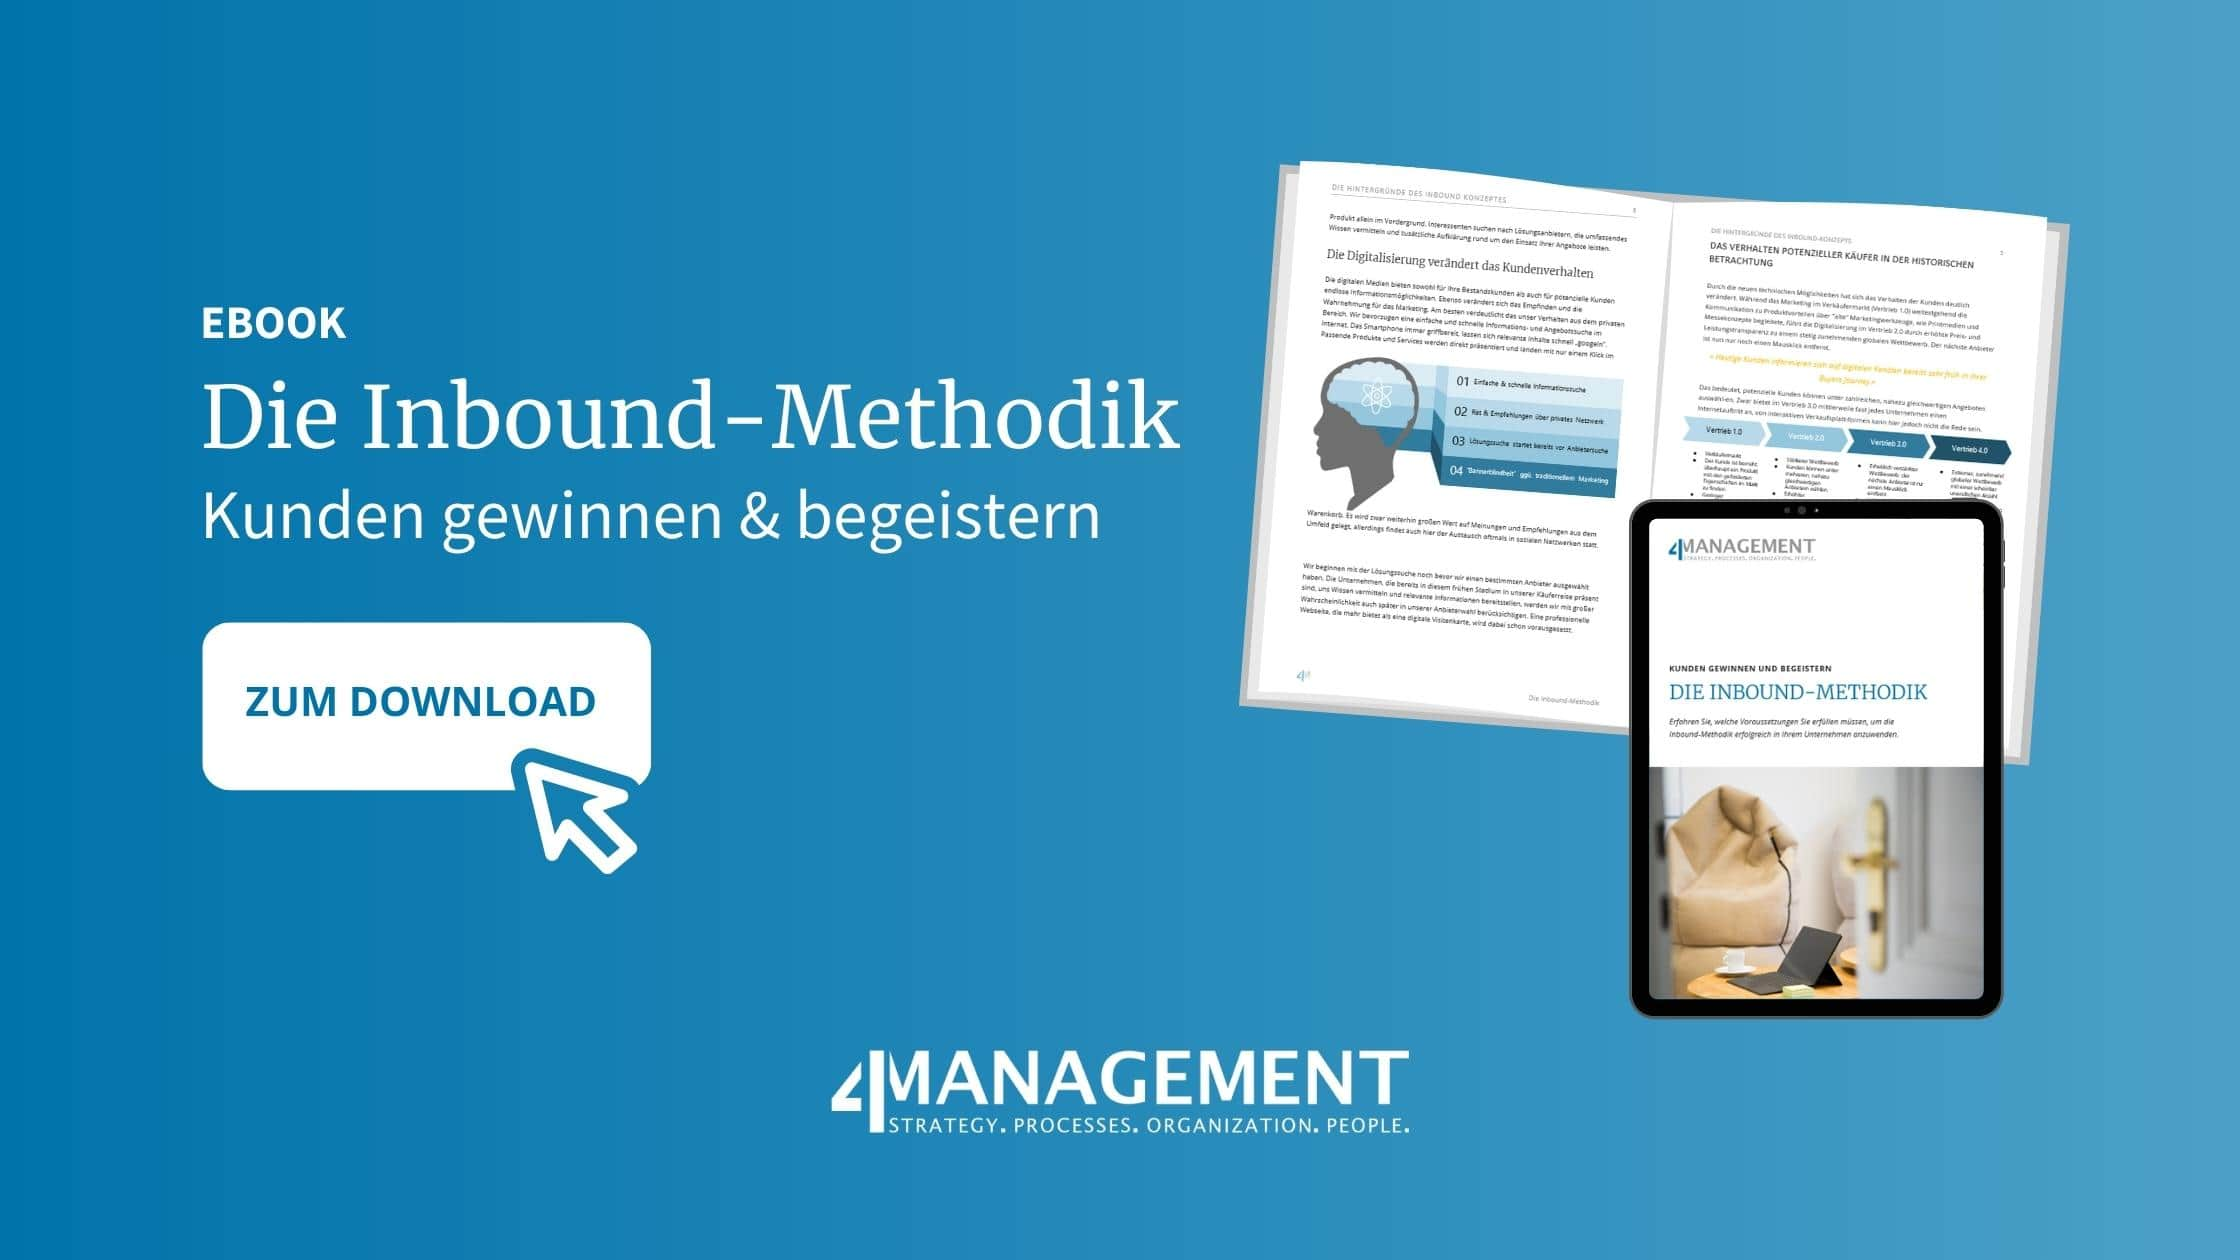 fourmanagement-ebook-inbound-methodik-marketing-sales